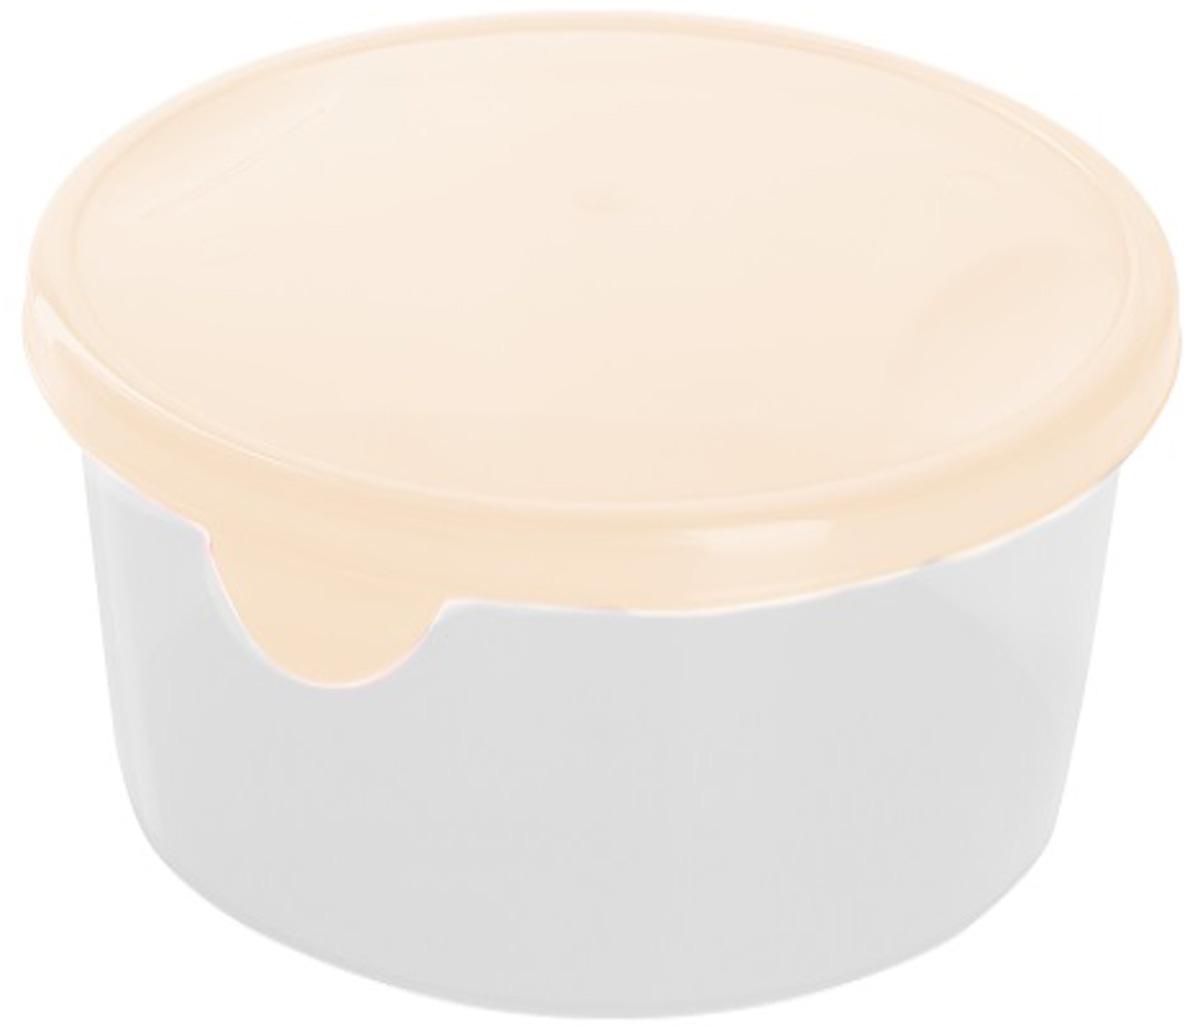 """Легкую емкость """"Giaretti"""" одинаково удобно взять с собой или хранить продукты дома, замораживать ягоды и овощи небольшими порциями. Тонкий, но вместе с тем прочный пластик обеспечивает надежность изделия. Можно мыть в посудомоечной машине и использовать в микроволновой печи."""